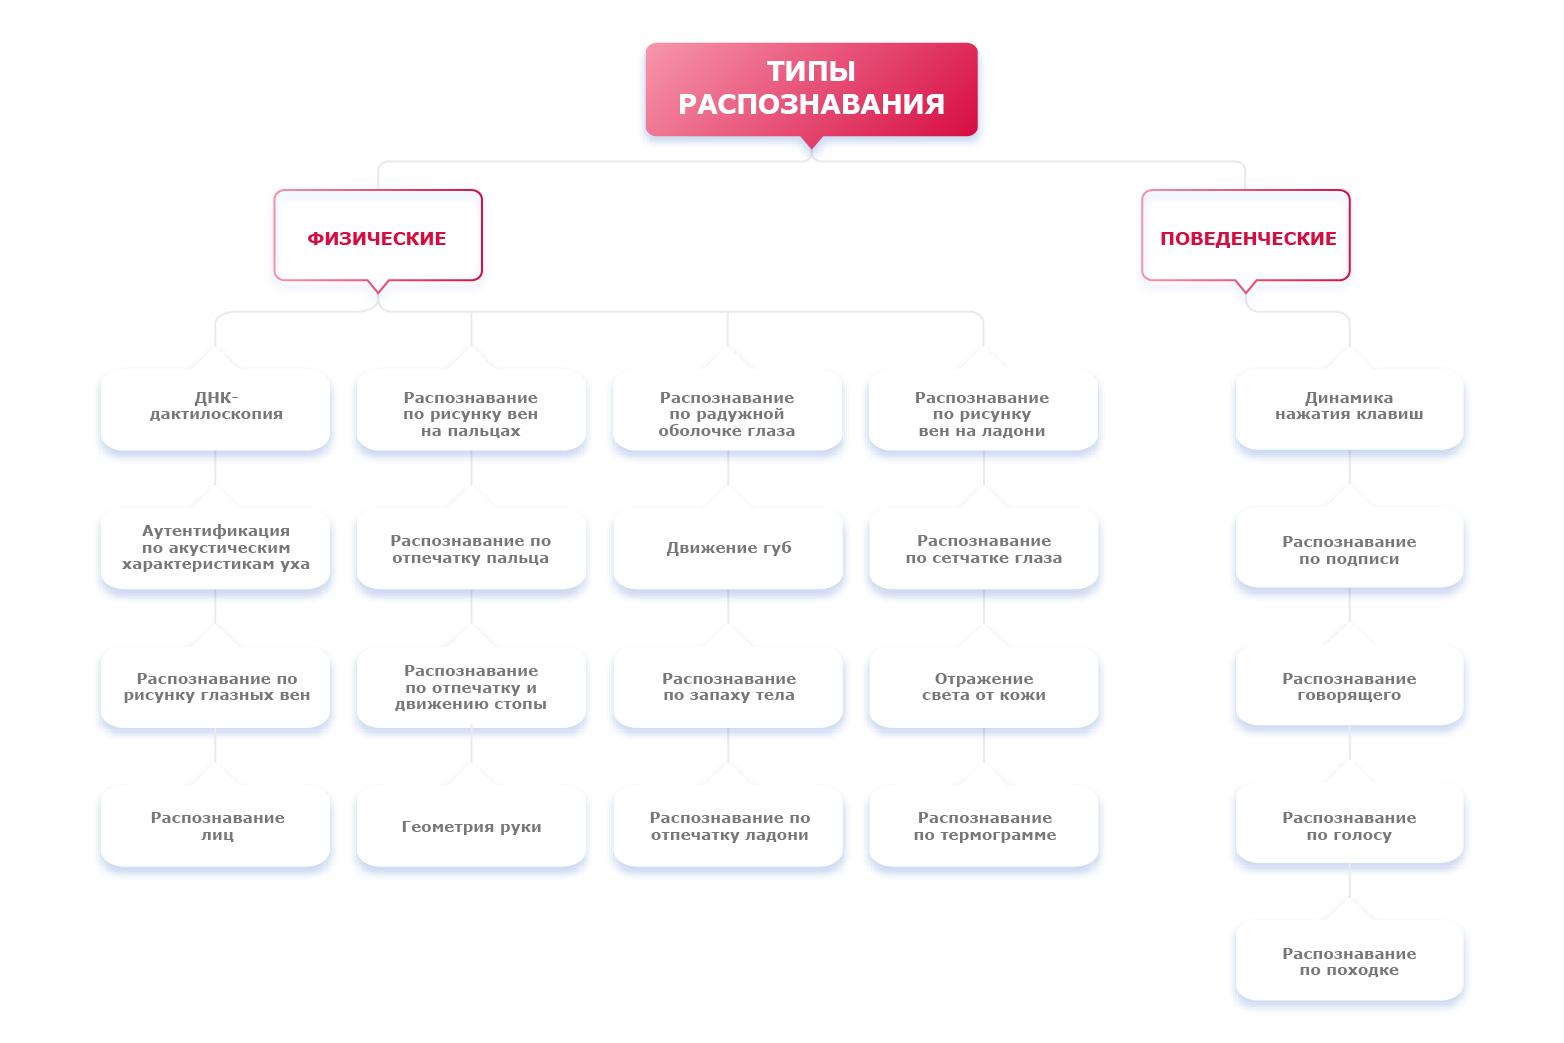 https://recfaces.com/wp-content/uploads/2021/02/shema_tipy-raspoznavaniya-rus.jpg